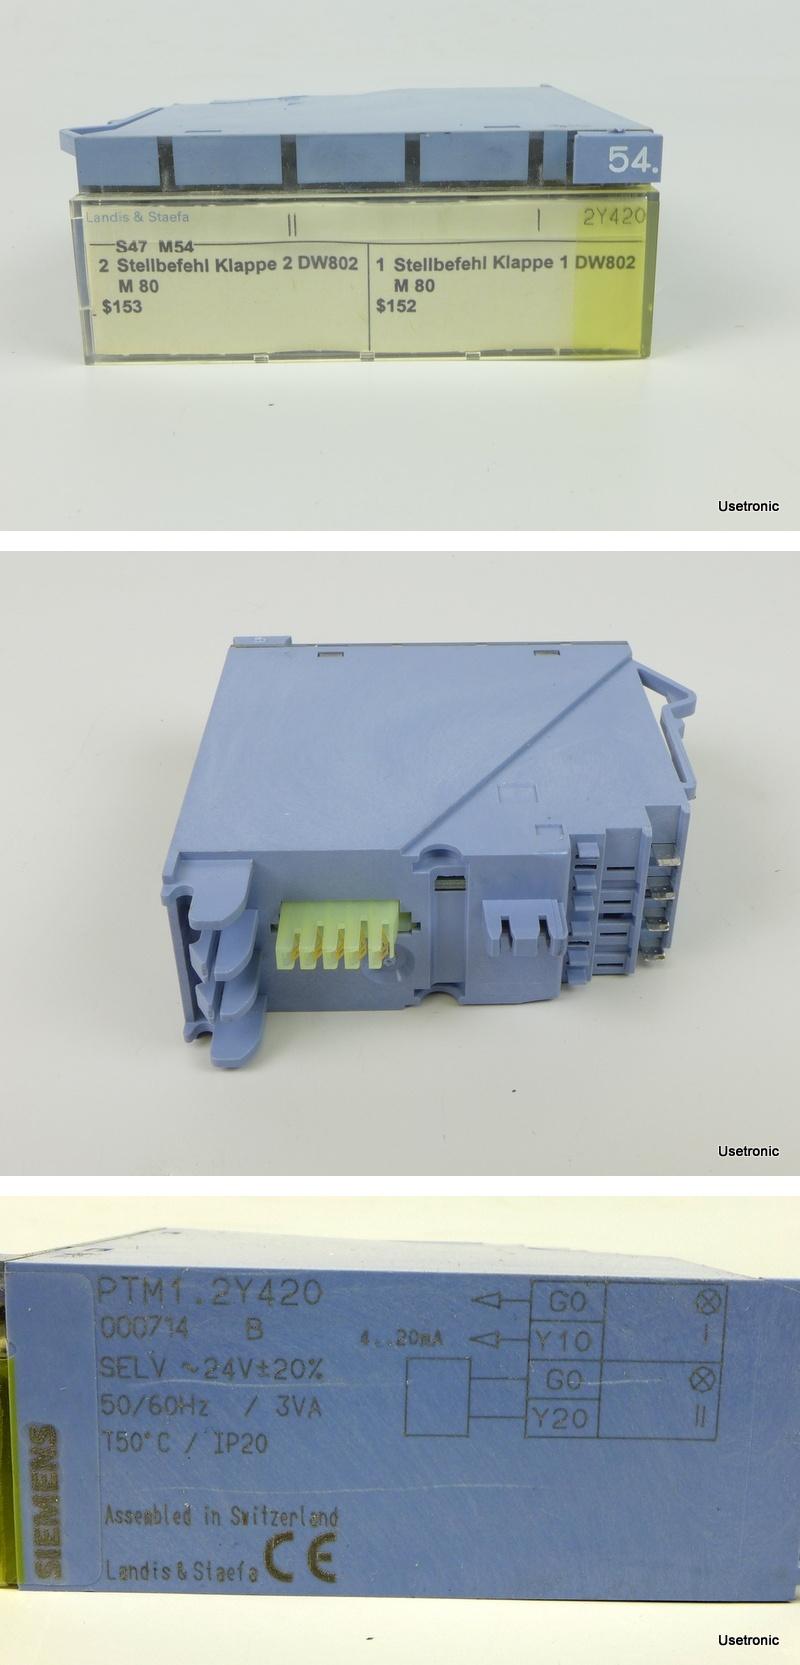 Siemens Landis Staefa PTM1.2Y420